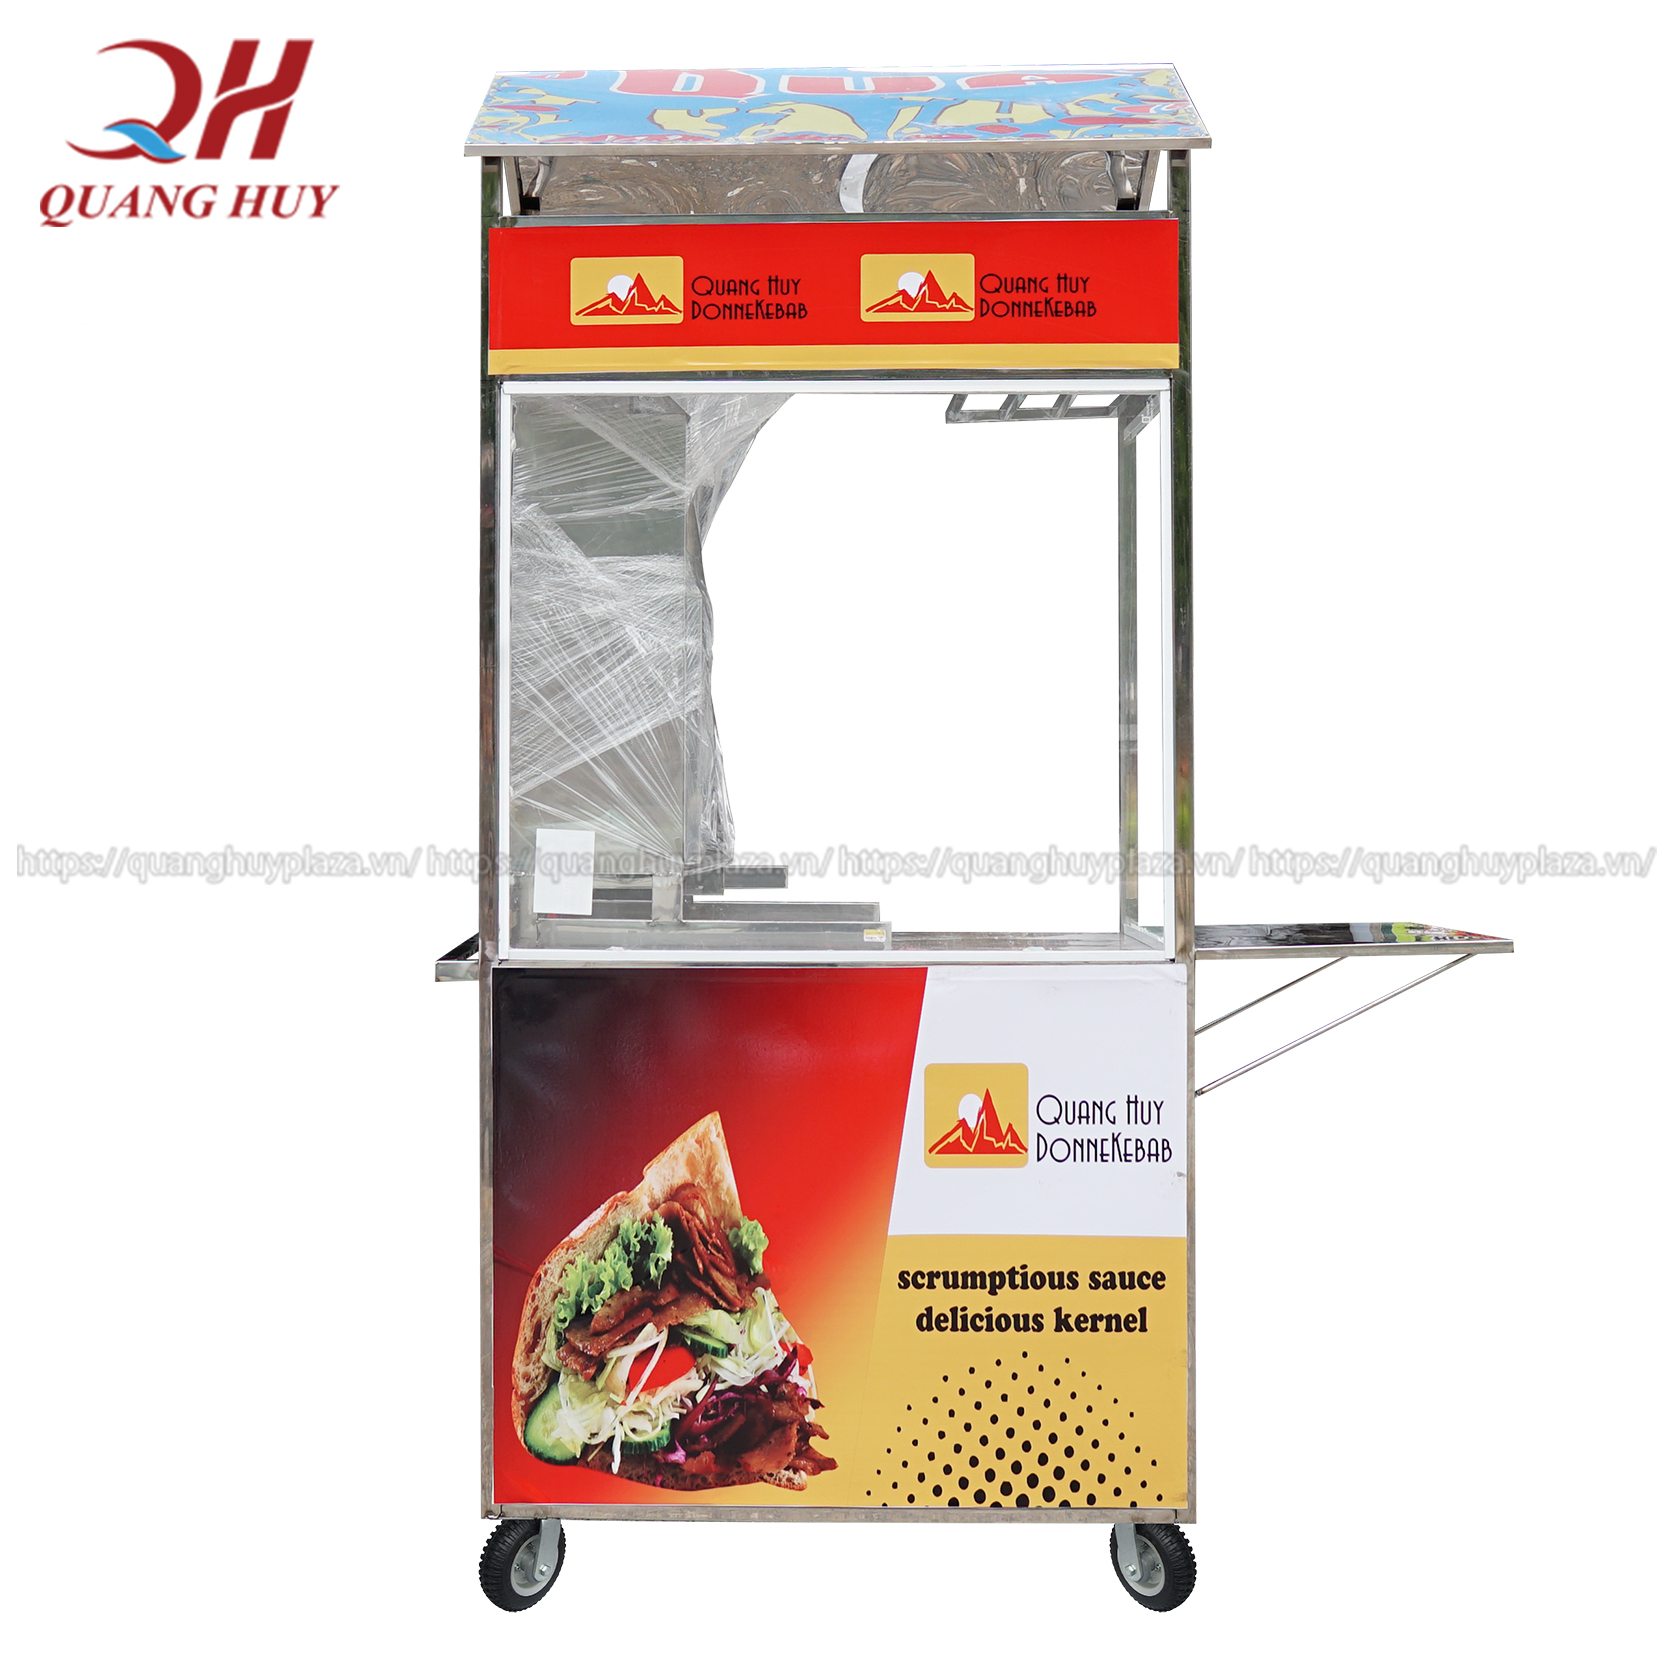 xe bánh mì thổ nhĩ kỳ 90cm với thiết kế gọn mới mẻ tiện lợi